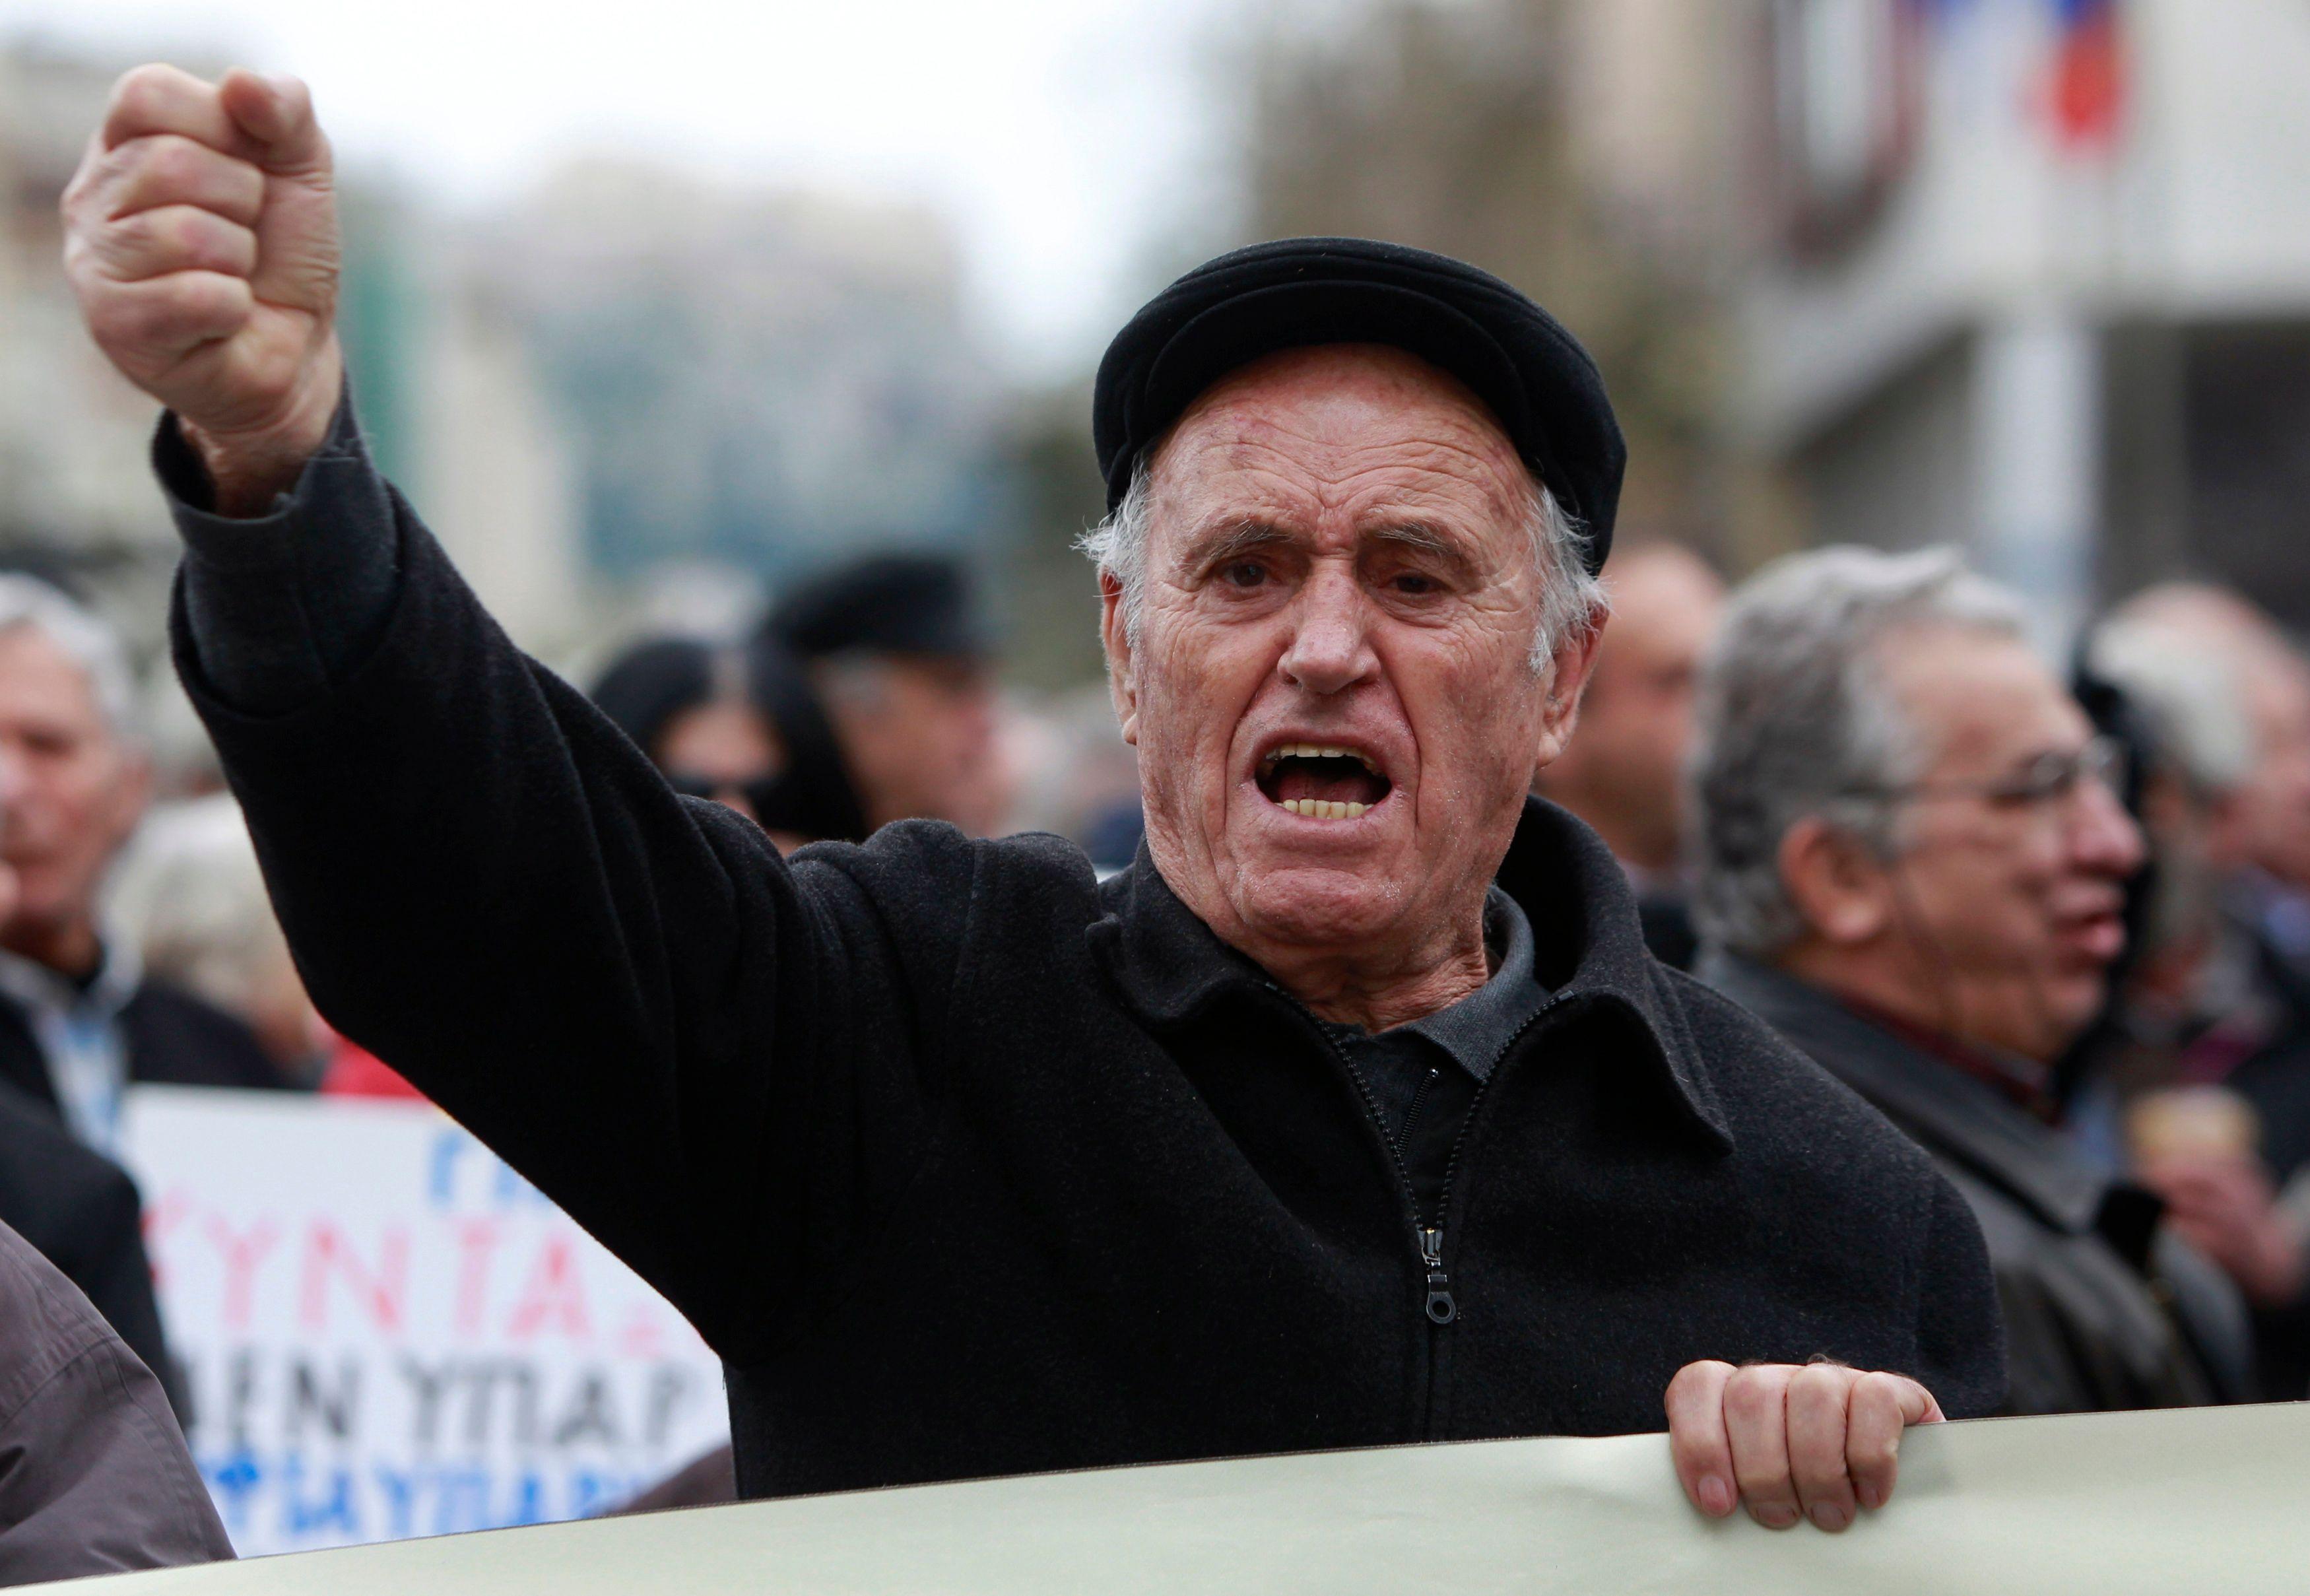 """La manifestation """"Jour de colère"""" s'élance ce dimanche de la place de la Bastille"""